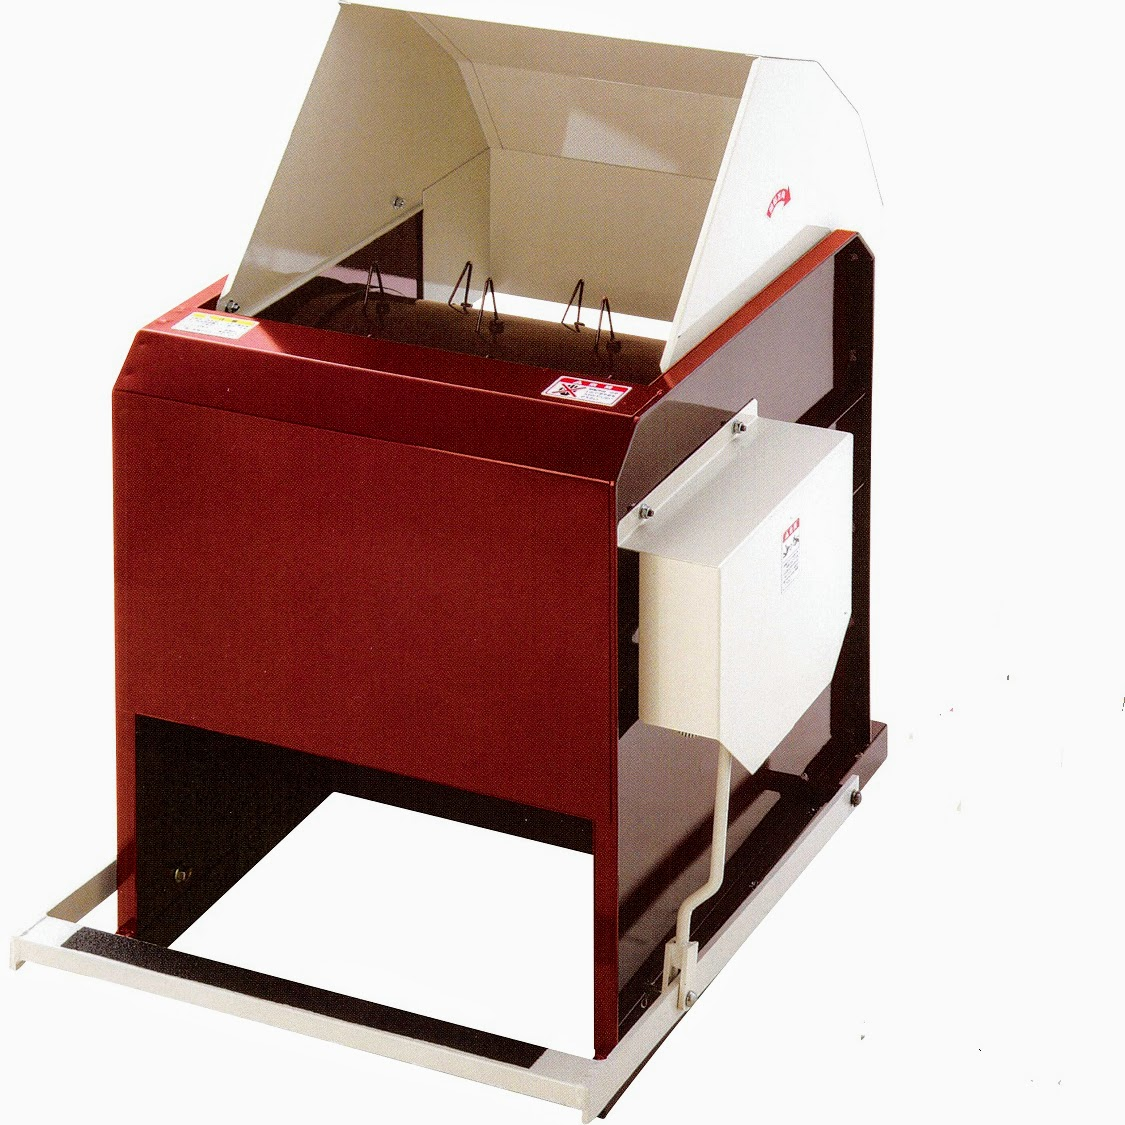 大洲市 MR-400MD 小型脱穀機 モーター式:農園芸とギフトの店 アギラ オギハラ-ガーデニング・農業